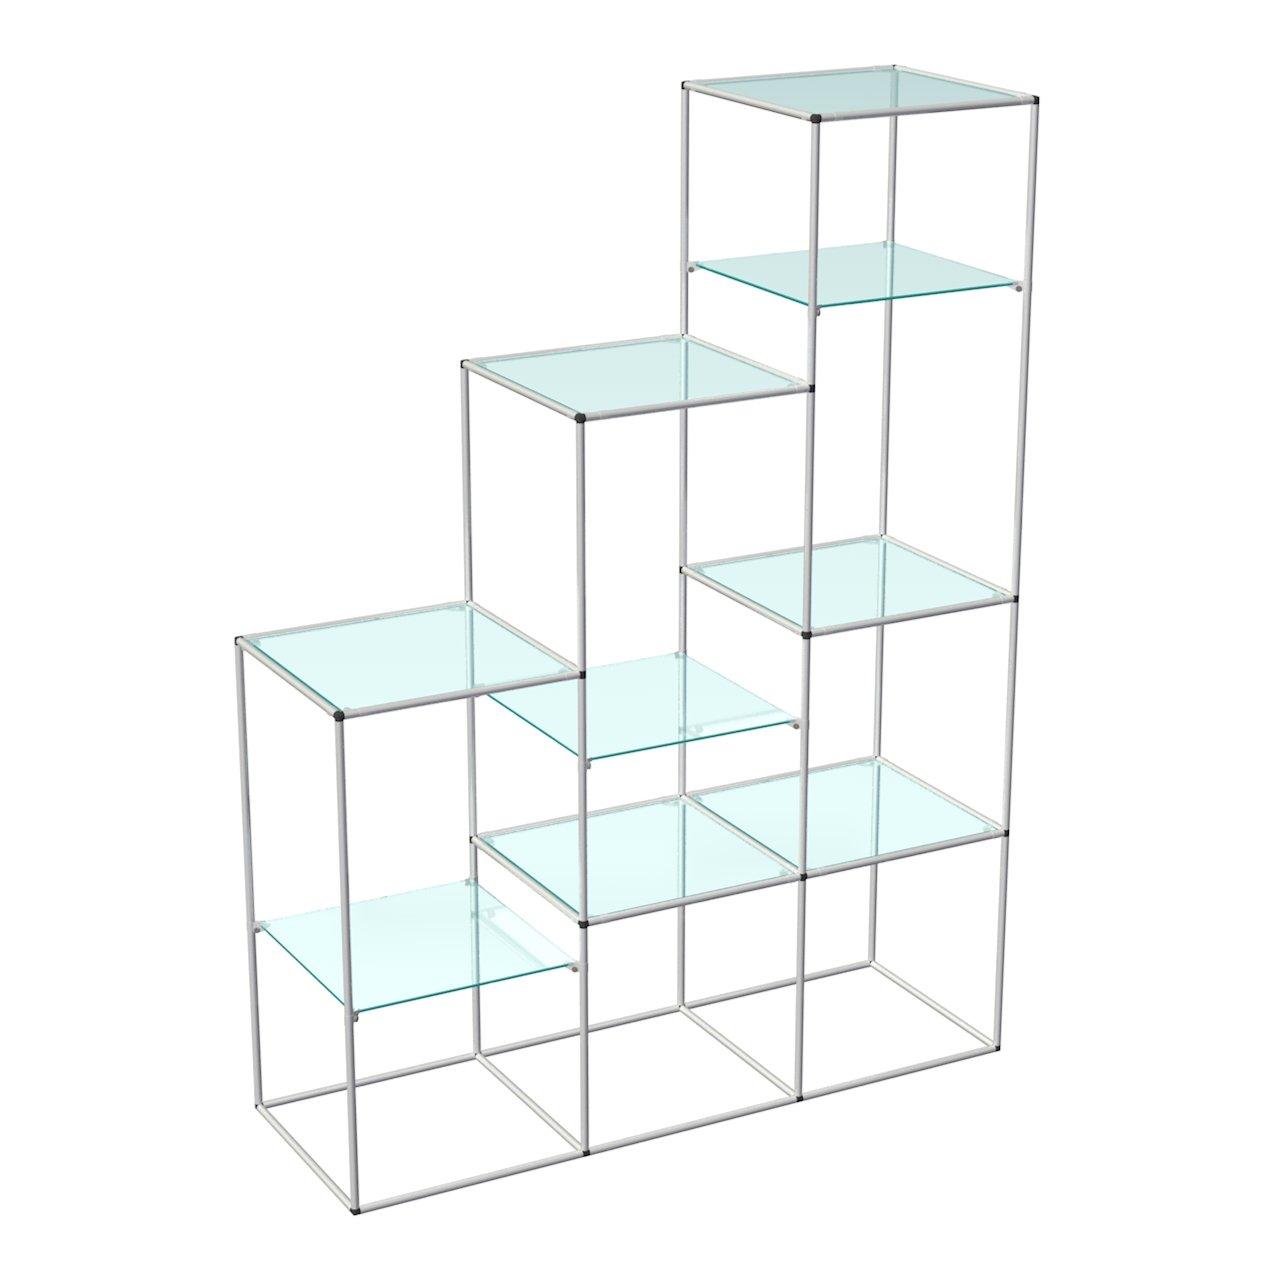 153 Stock Unit with Cubitz connectors - Abstracta